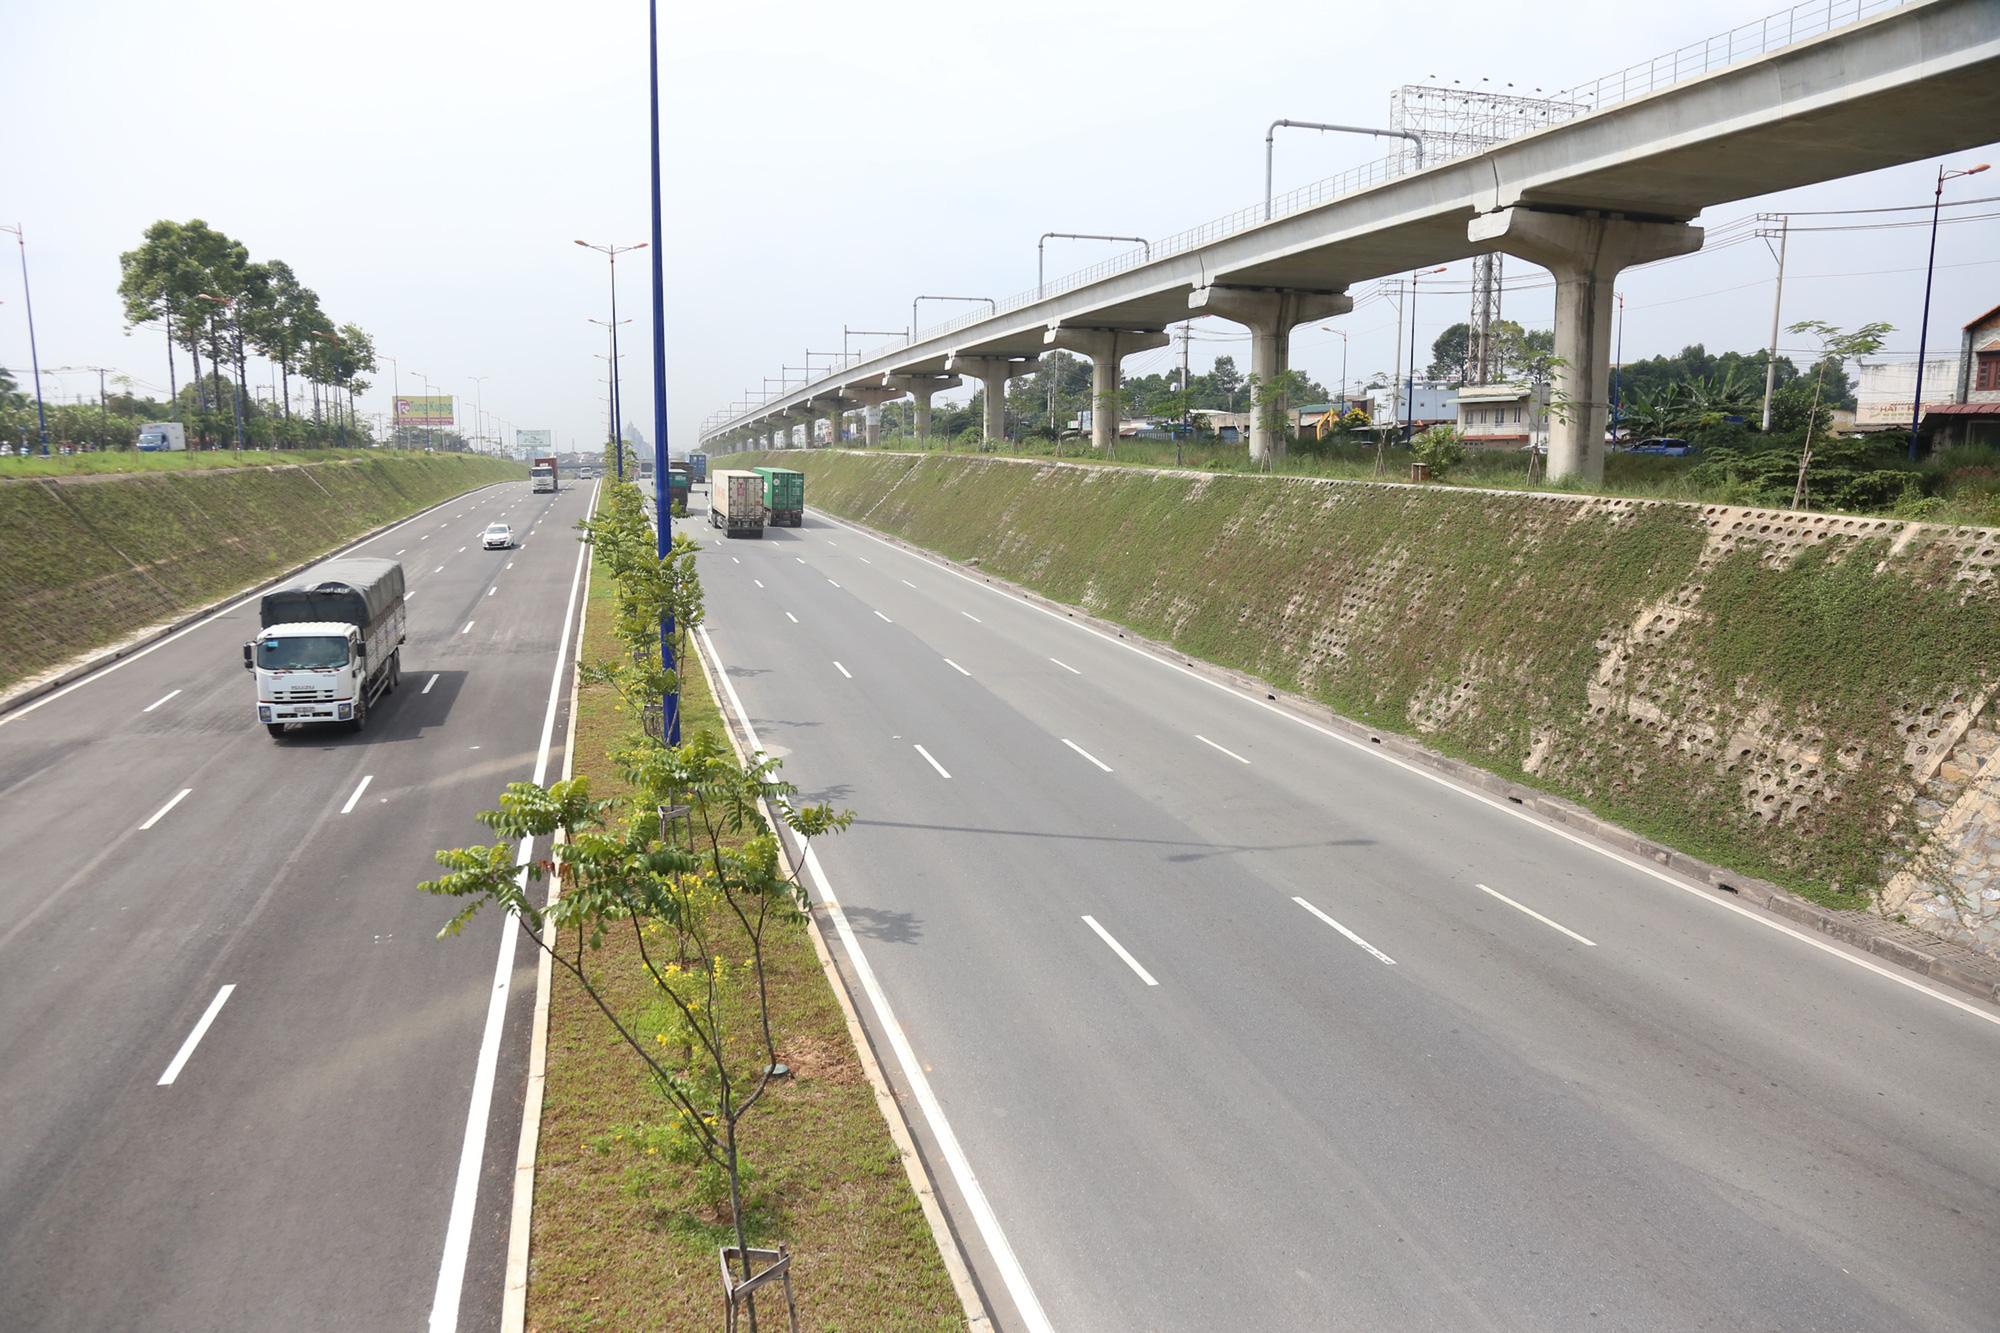 Xa lộ Hà Nội: Rút ngắn thời gian vận chuyển, tăng sức cạnh tranh cho doanh nghiệp - Ảnh 2.